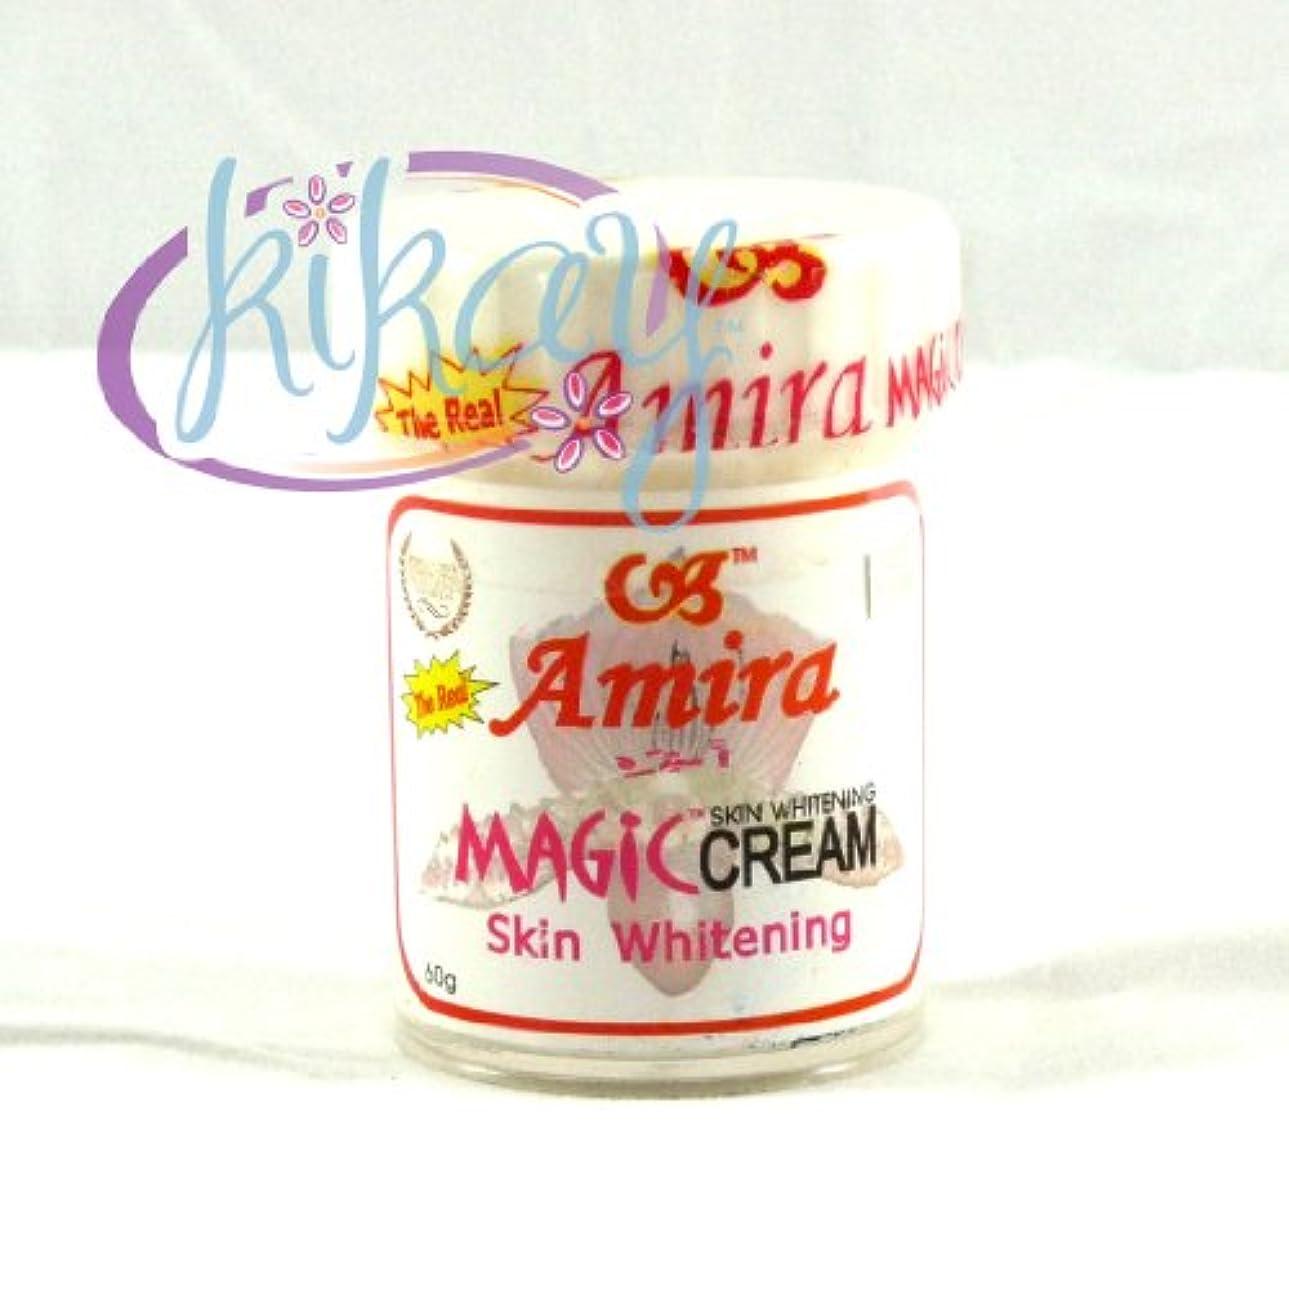 ピアース自体豊かなAMIRA THE REAL MAGIC CREAM【SKIN WHITENING CREAM 60g】PHILIPPINES〈スキン ホワイトニング クリーム〉フィリピン